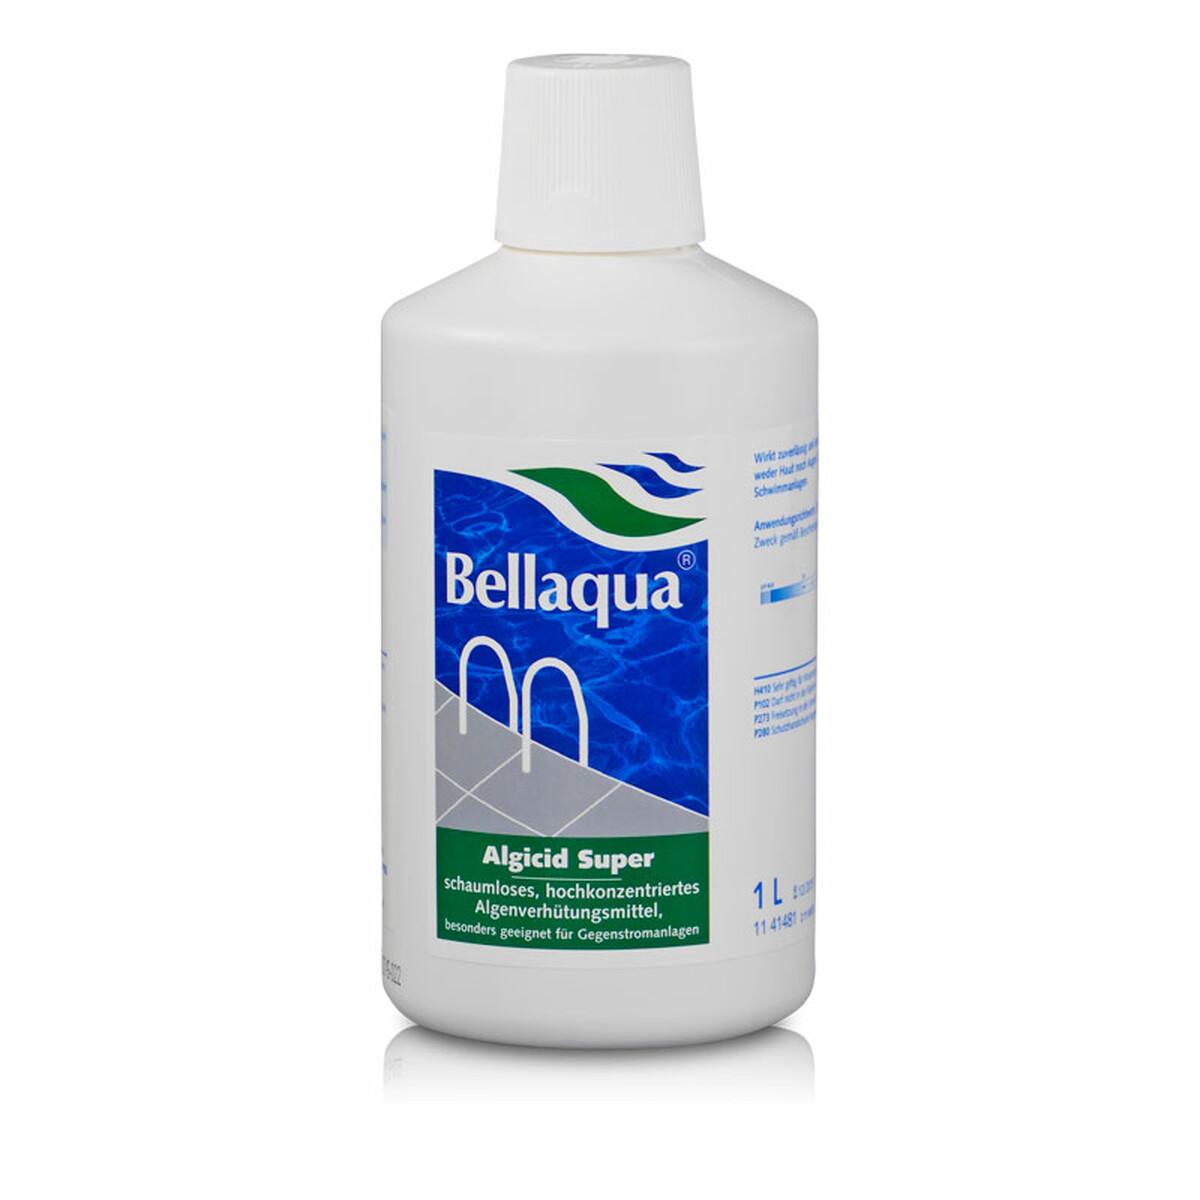 Bellaqua Algicid Super 1 Liter